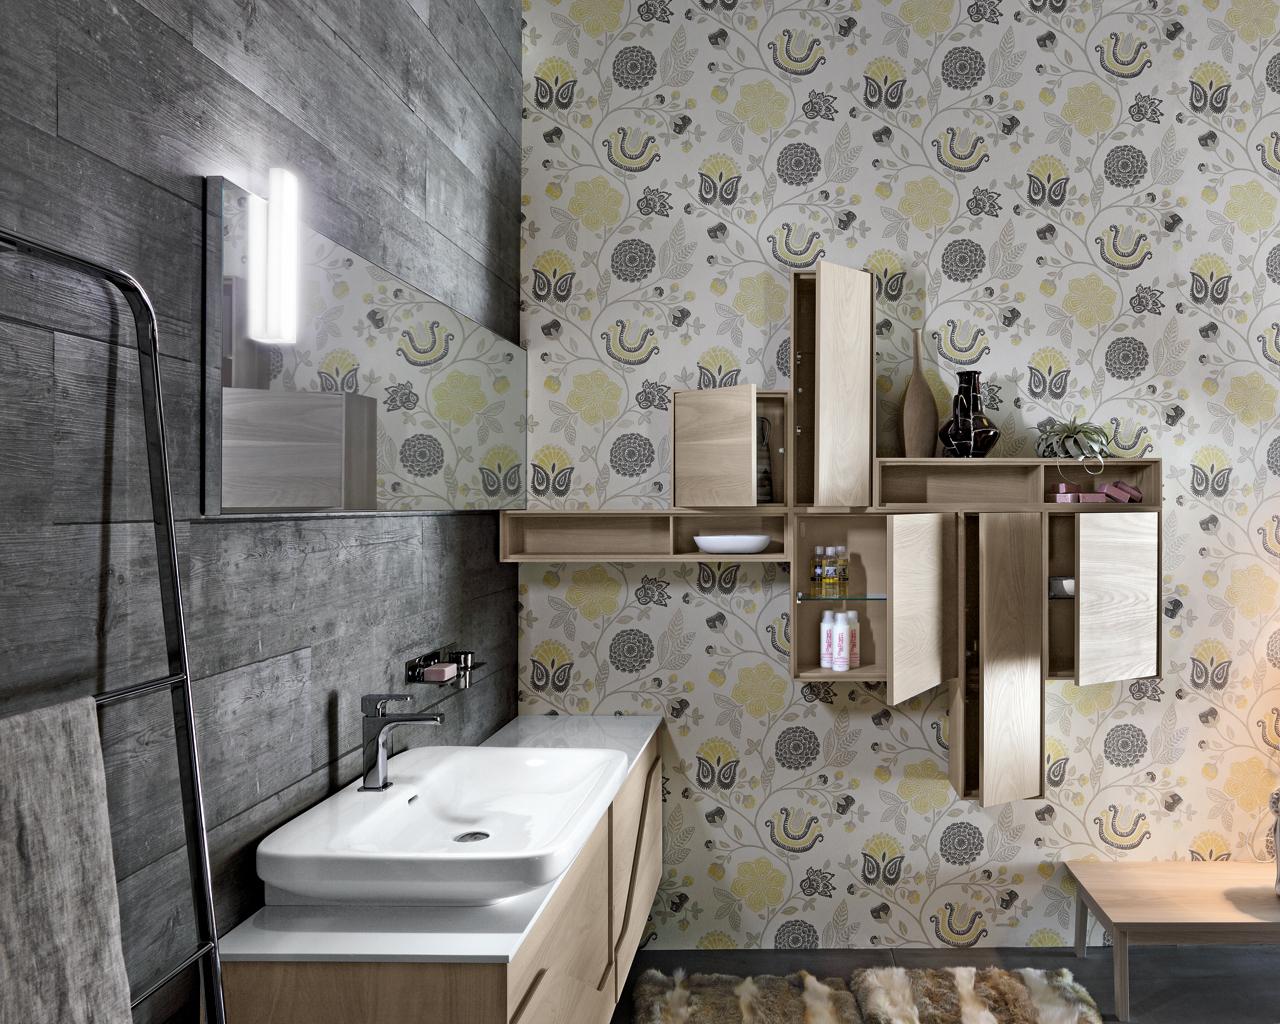 Una stanza da bagno vintage in stile anni 50 for Mobili design vintage